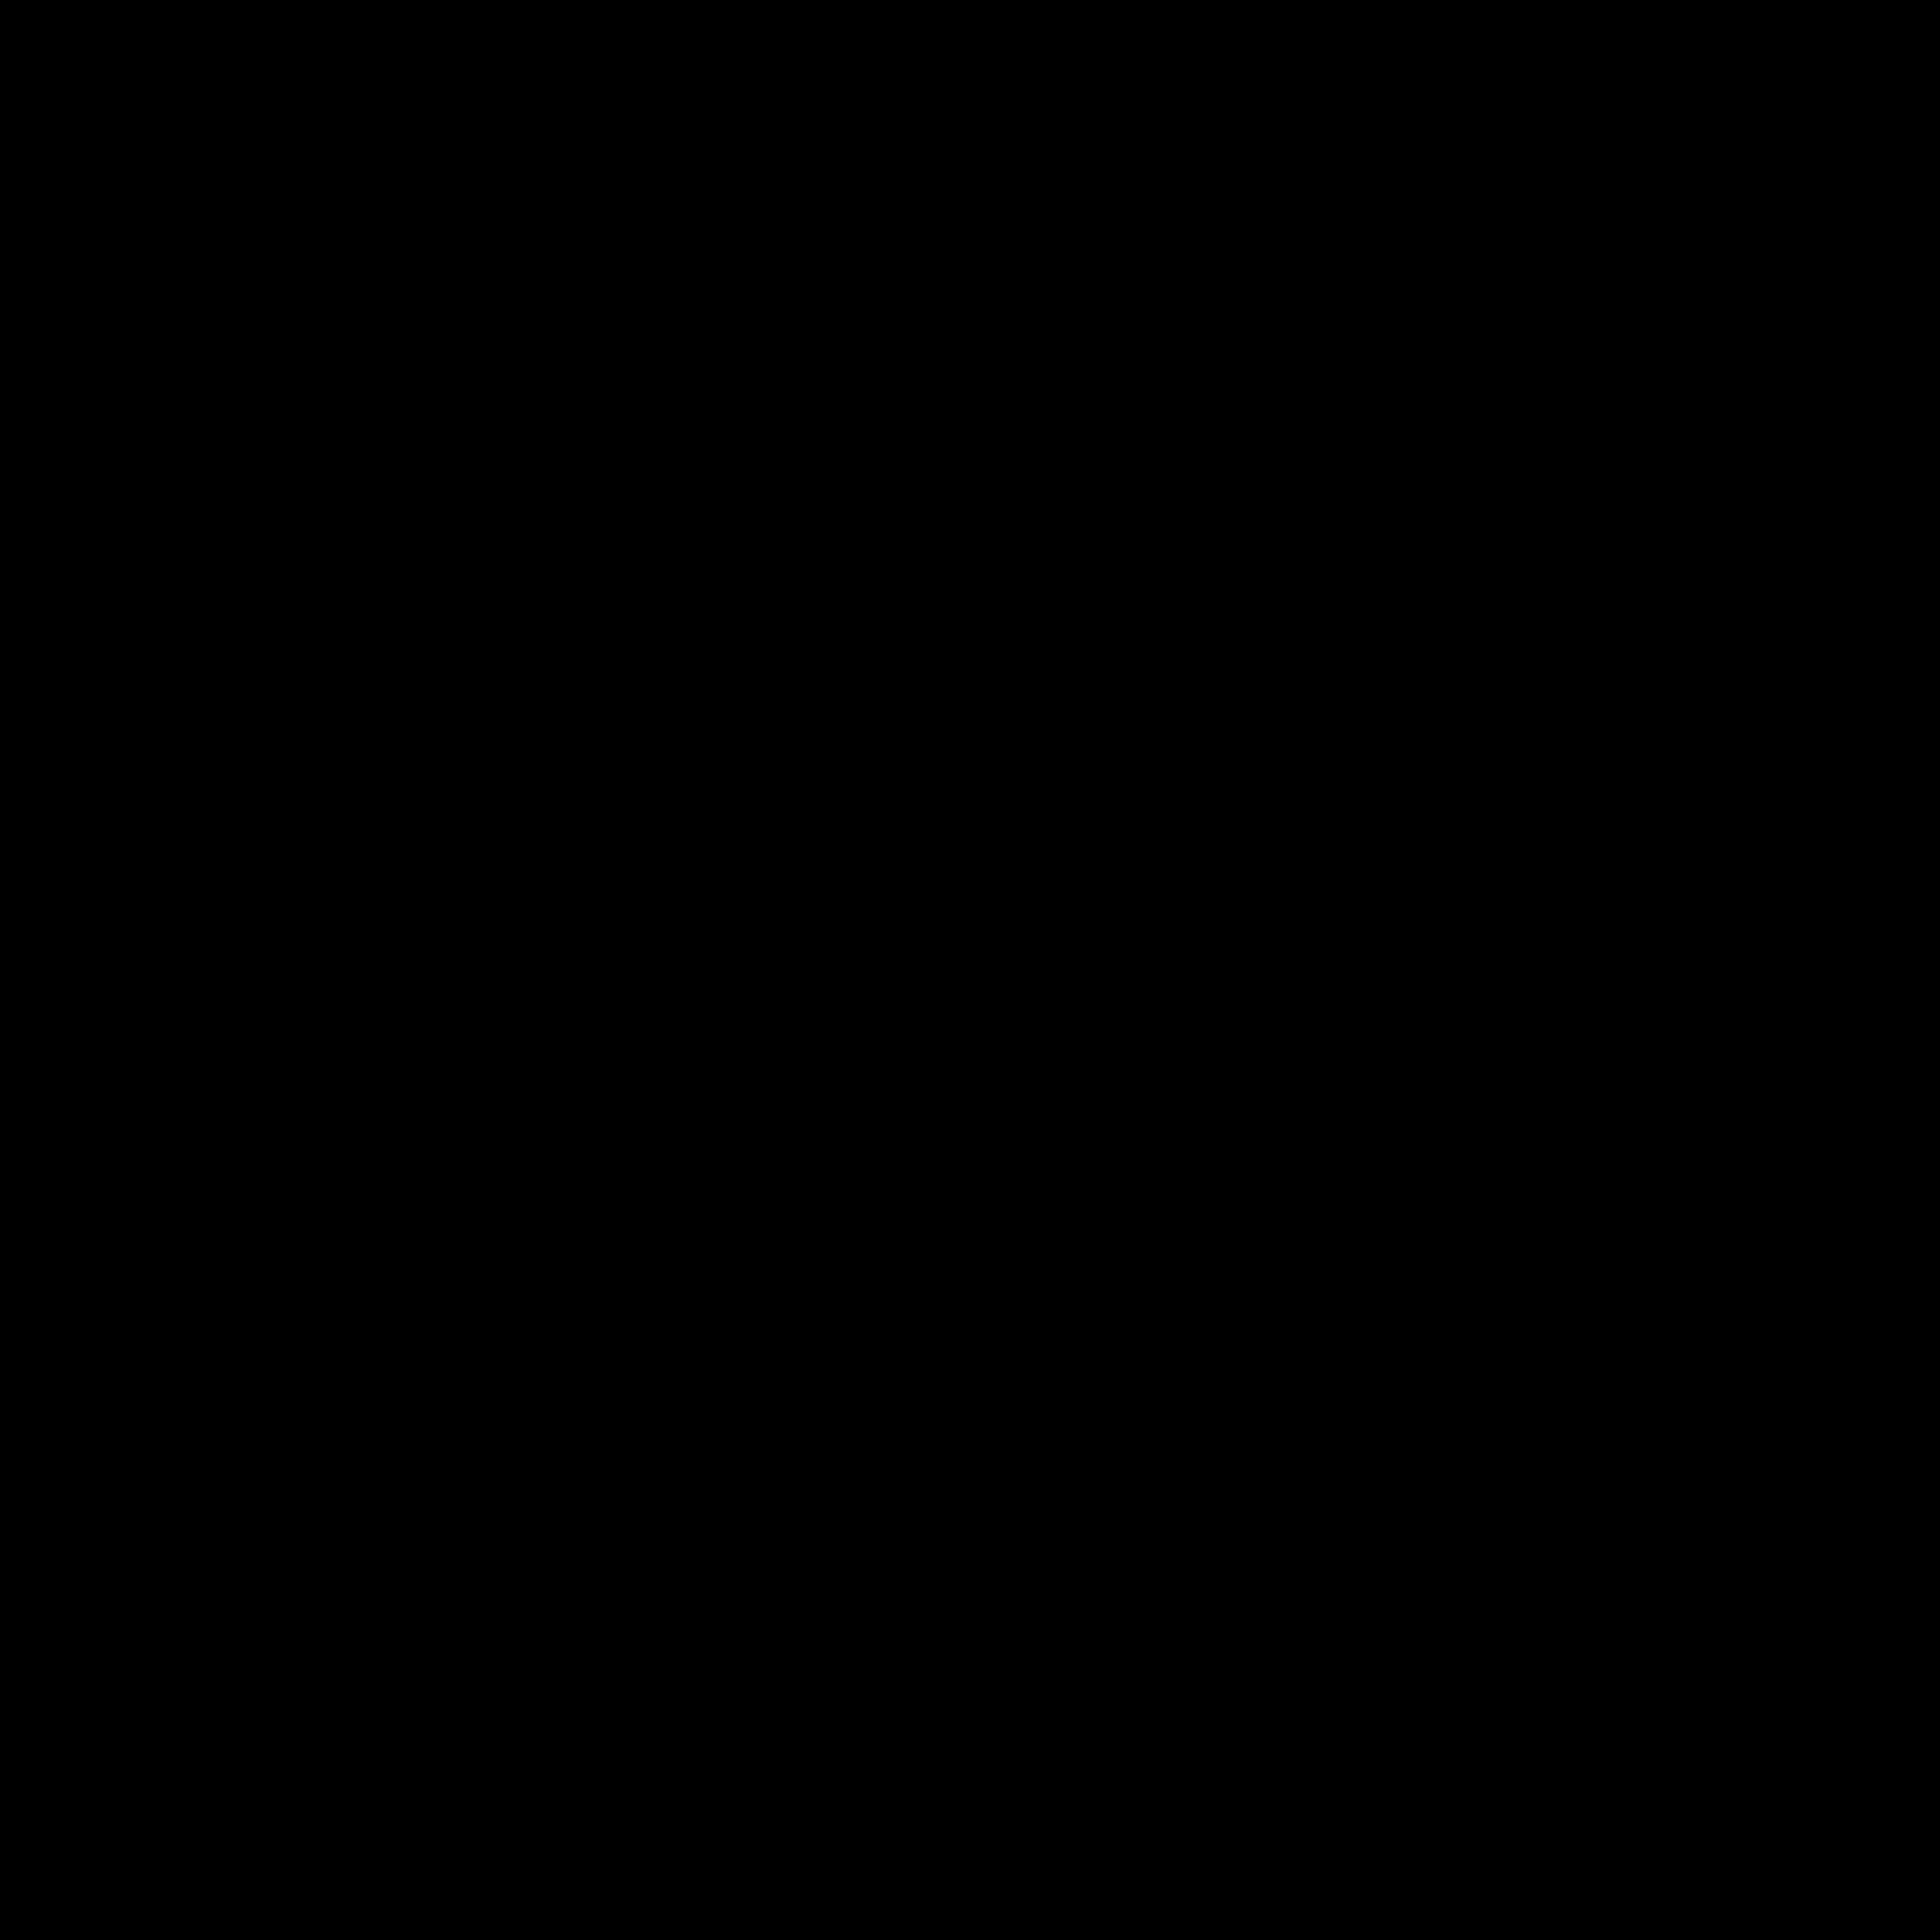 Bretzenheim-Shirt von Charles